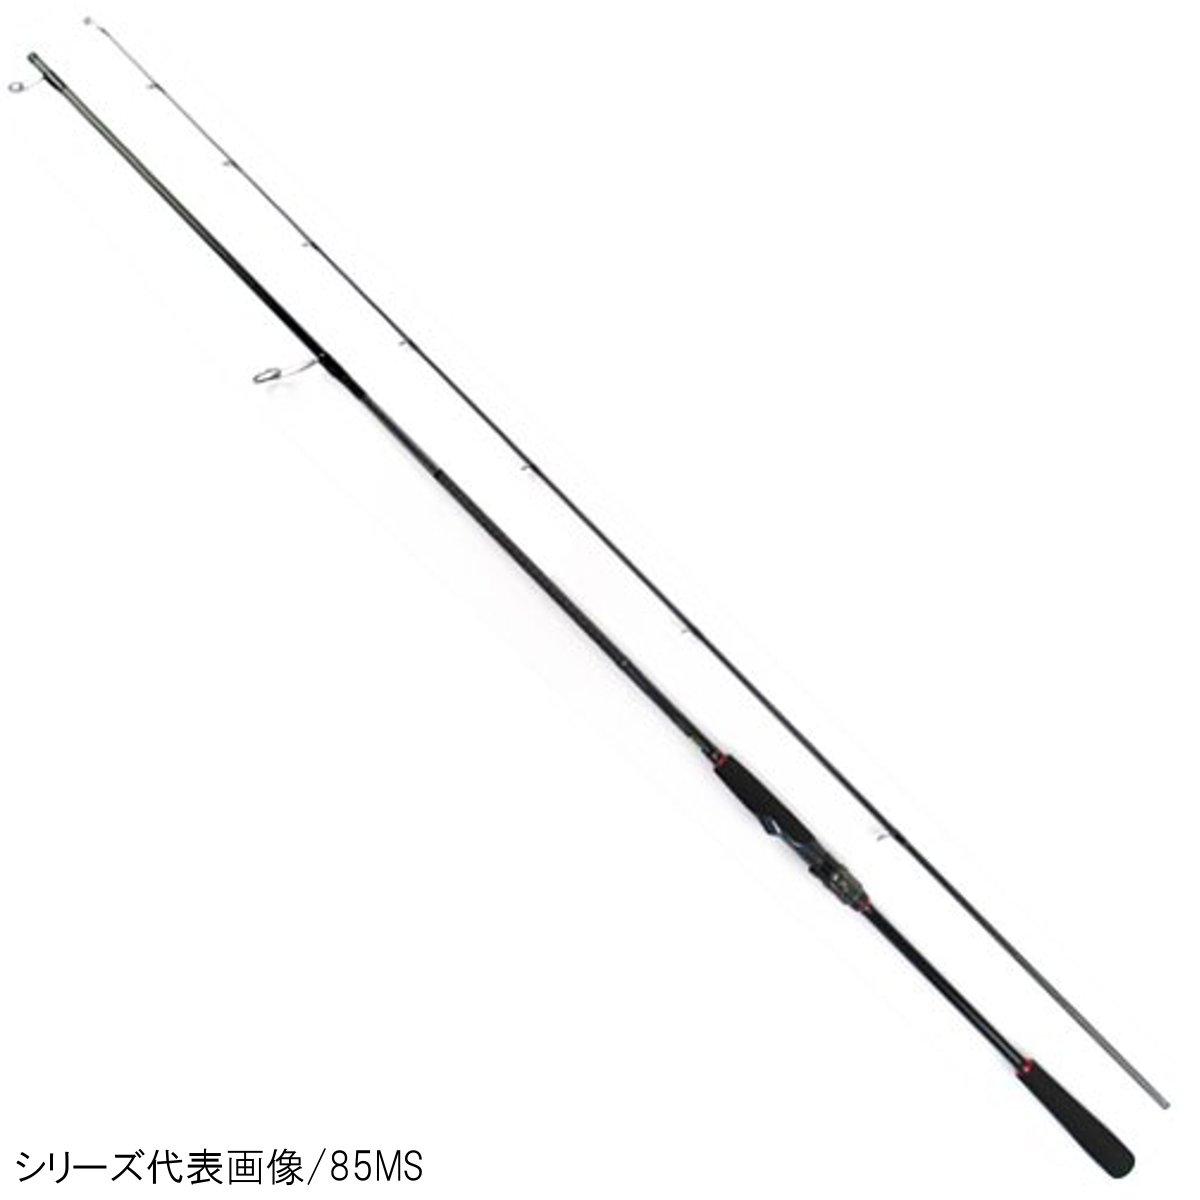 ダイワ HRF KJ 90MHS